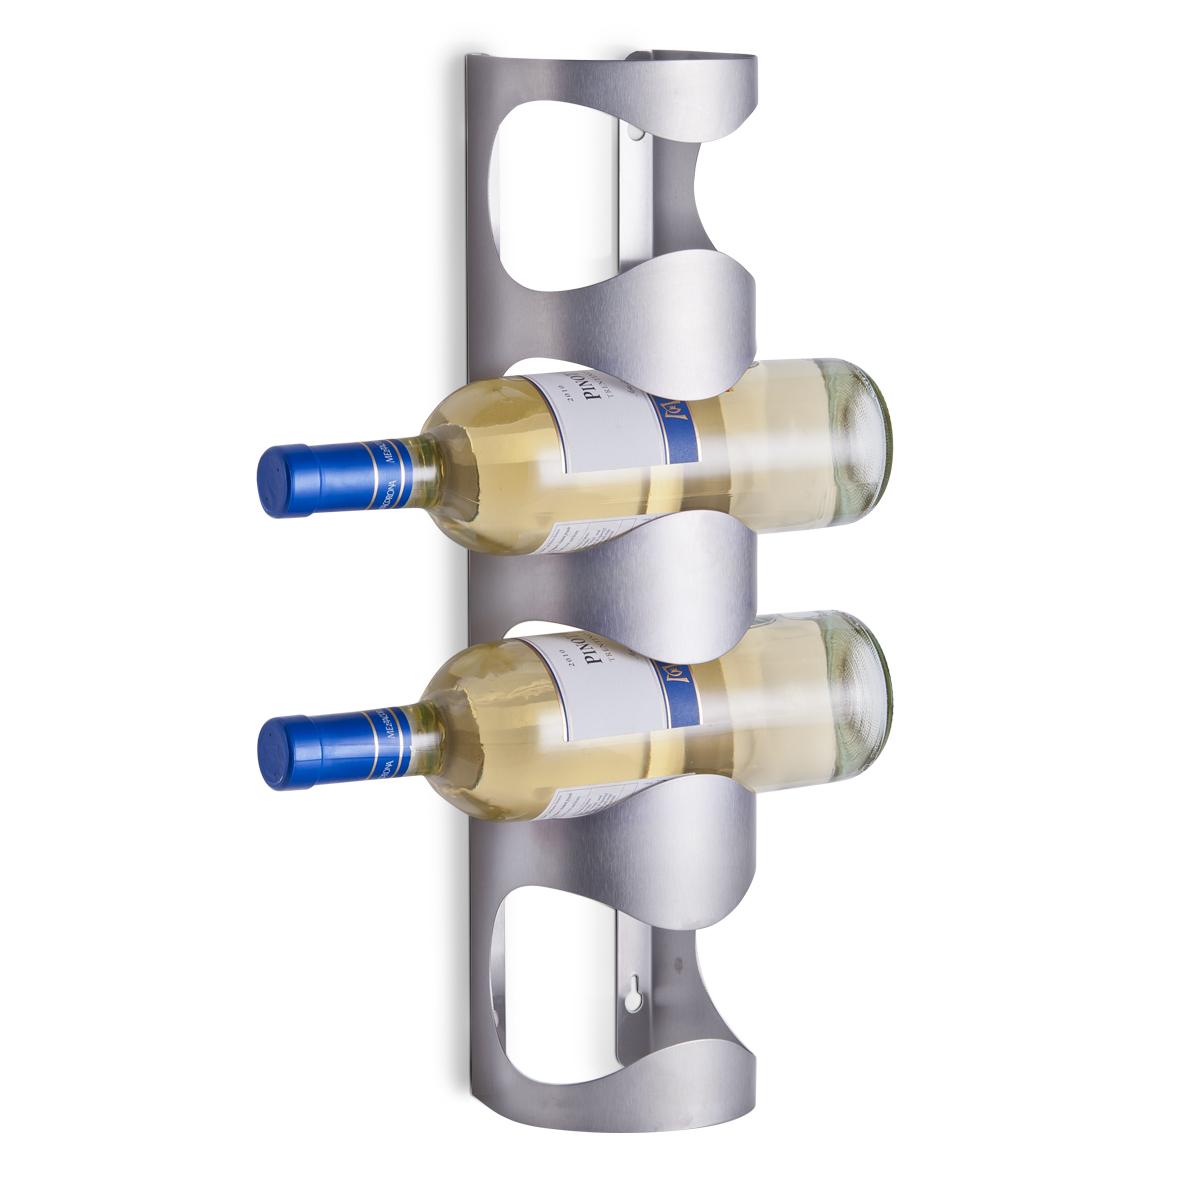 Stojany na v no zeller dr k na v no na 4 lahve 27365 - Portabottiglie ikea acciaio ...